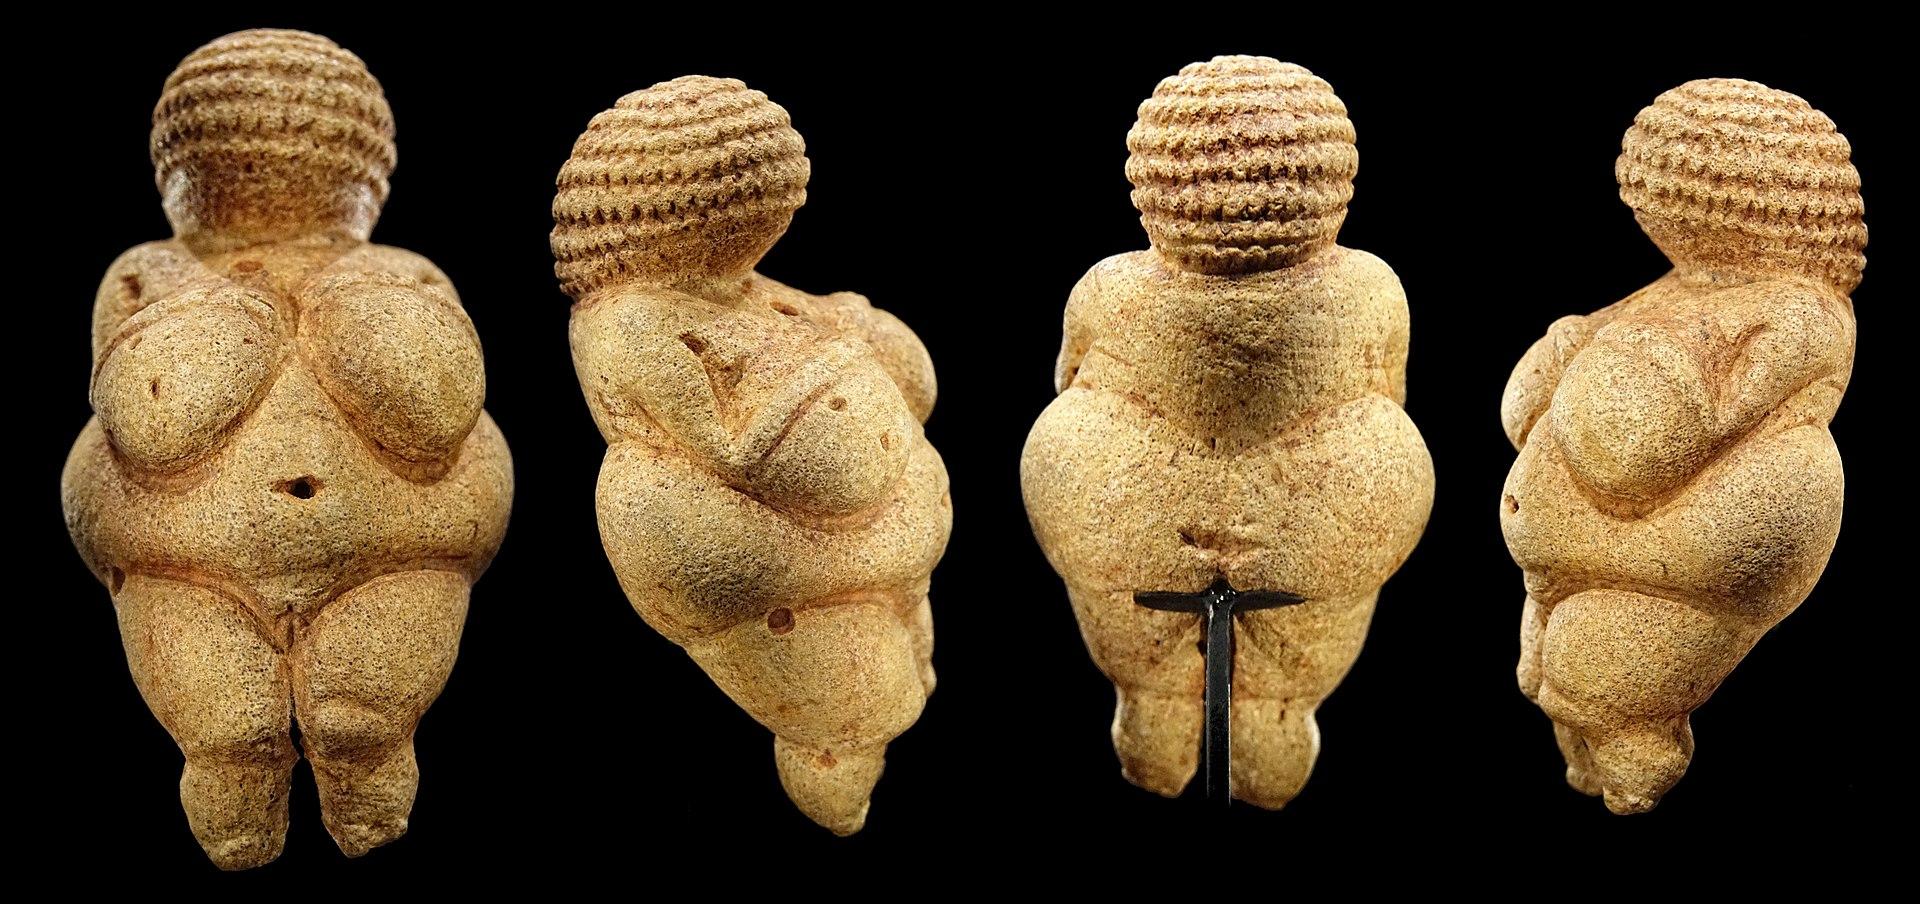 Venus of Willendorf, 28,000-25,000 BCE (found in 1908), Naturhistorisches Museum, Vienna, Austria. beach bodies